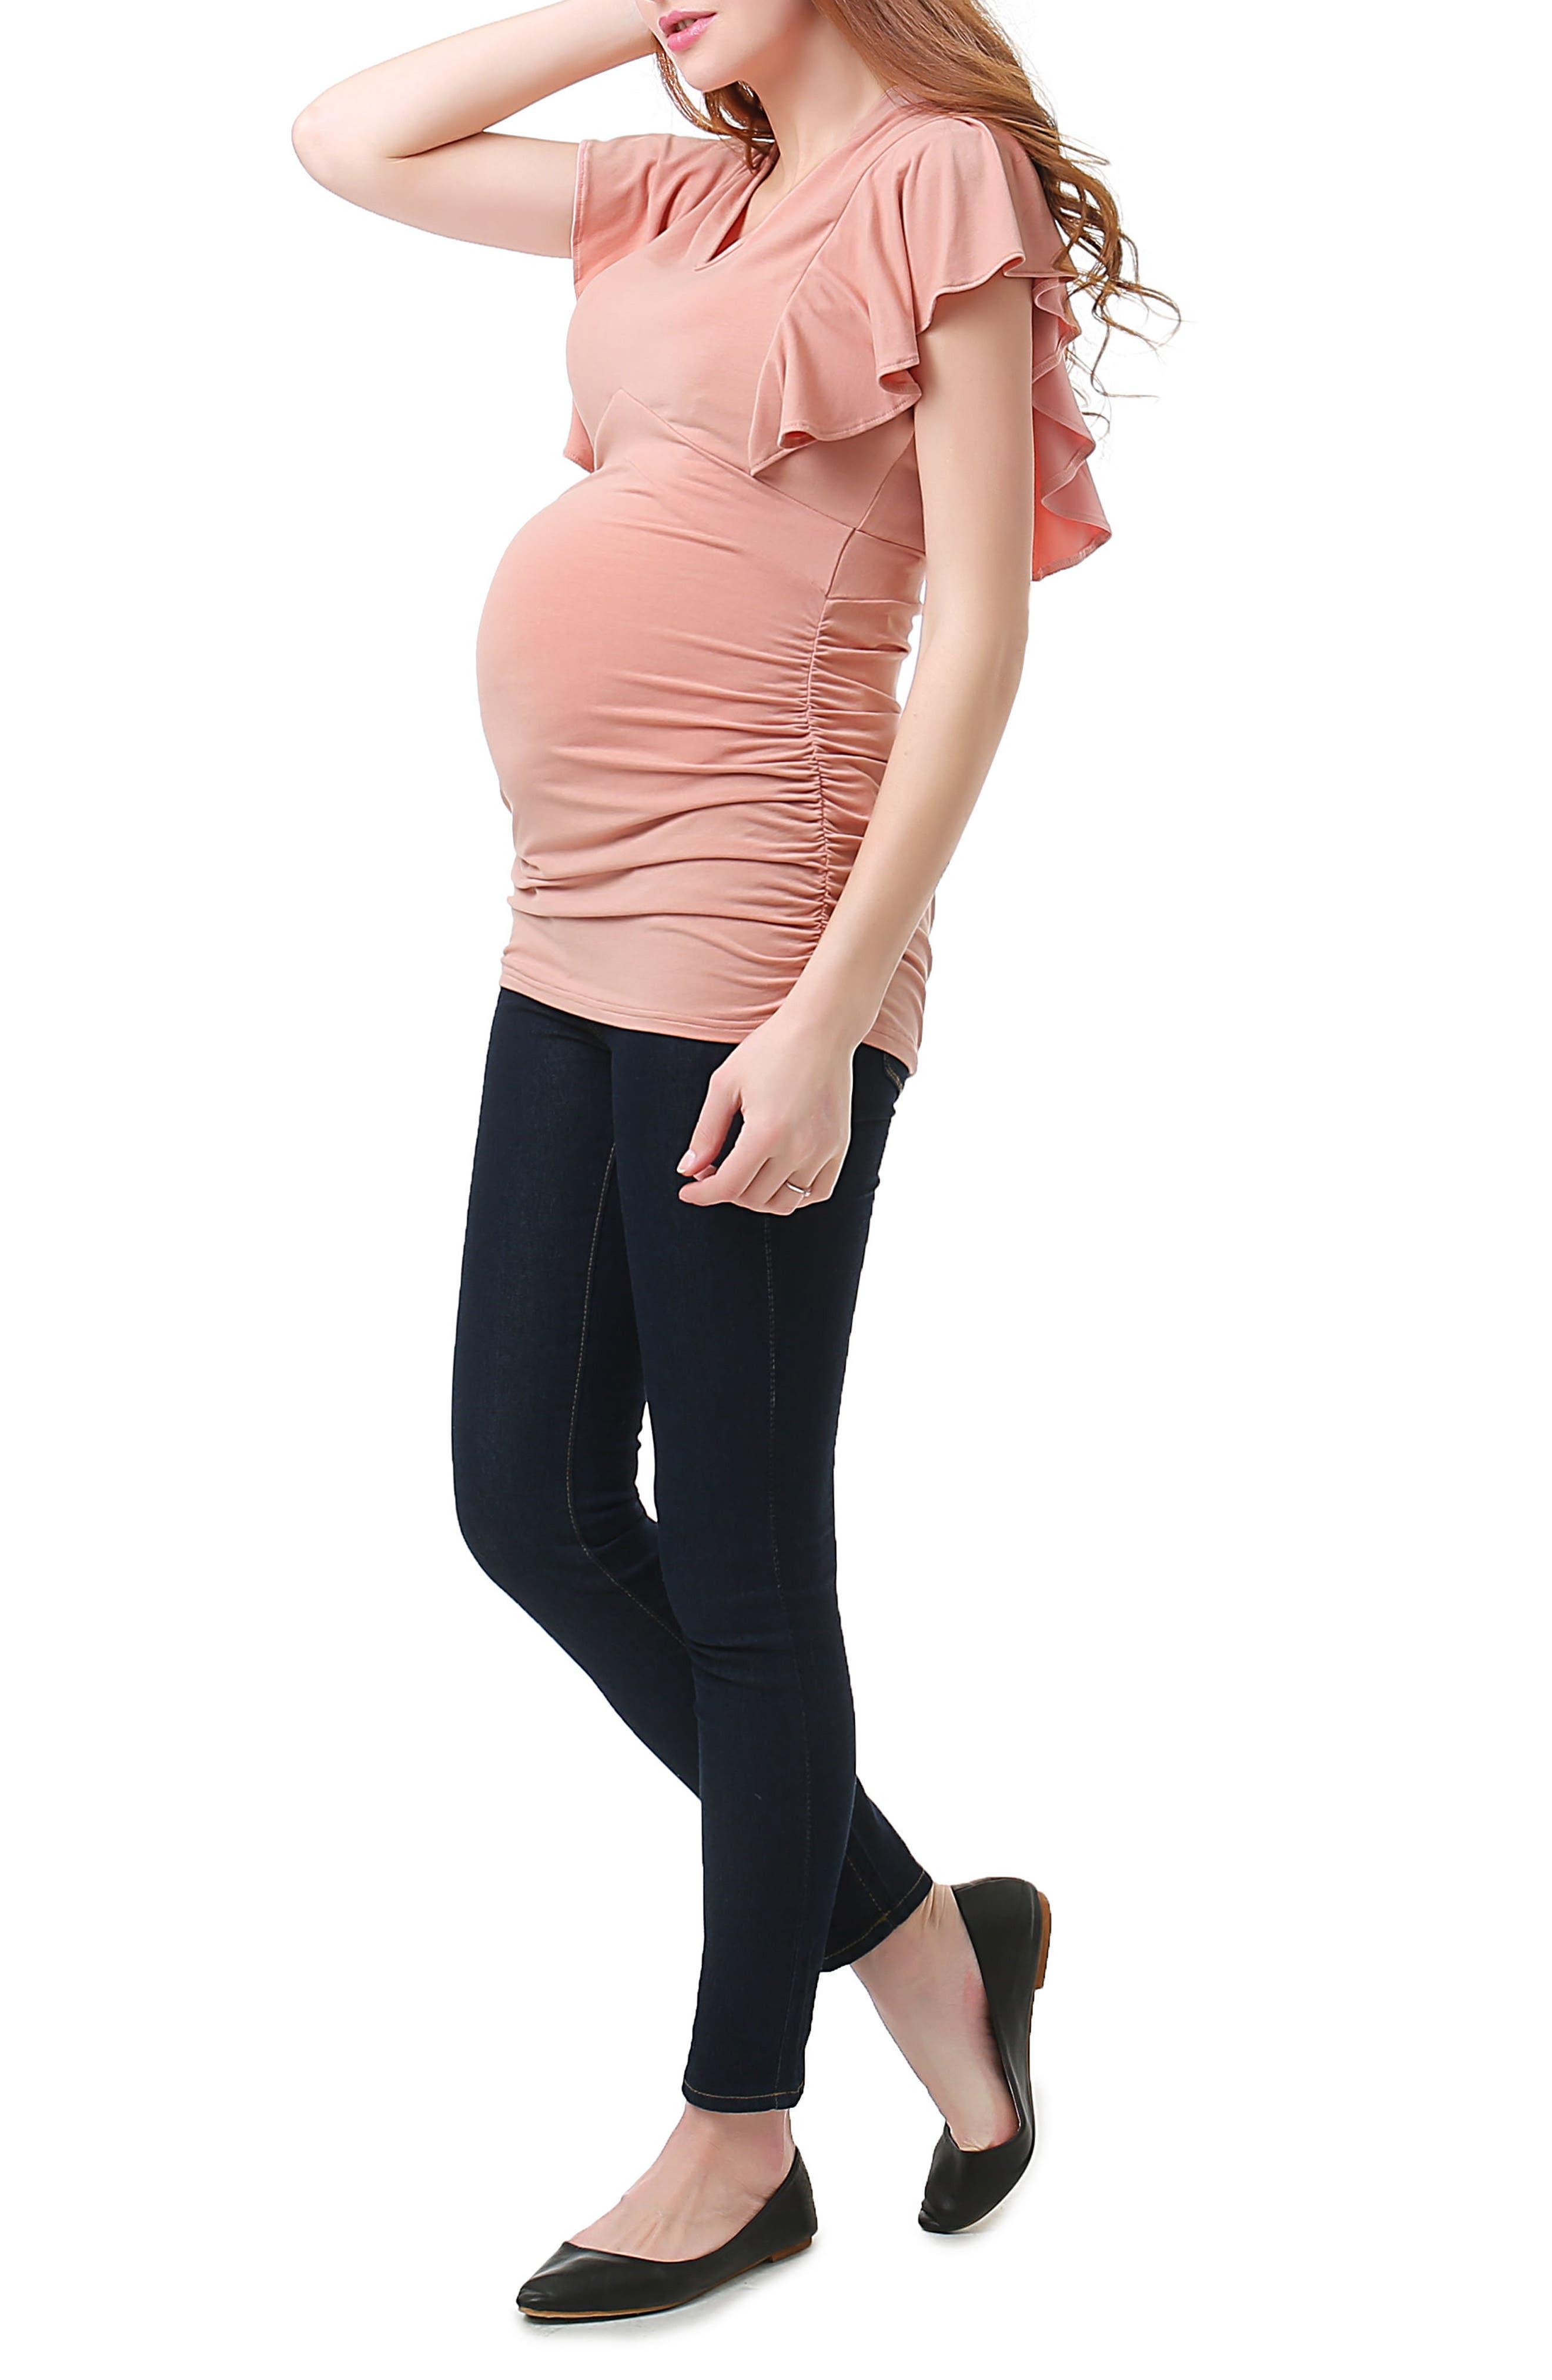 Kimi & Kai Kayla Maternity Top,                             Alternate thumbnail 3, color,                             650